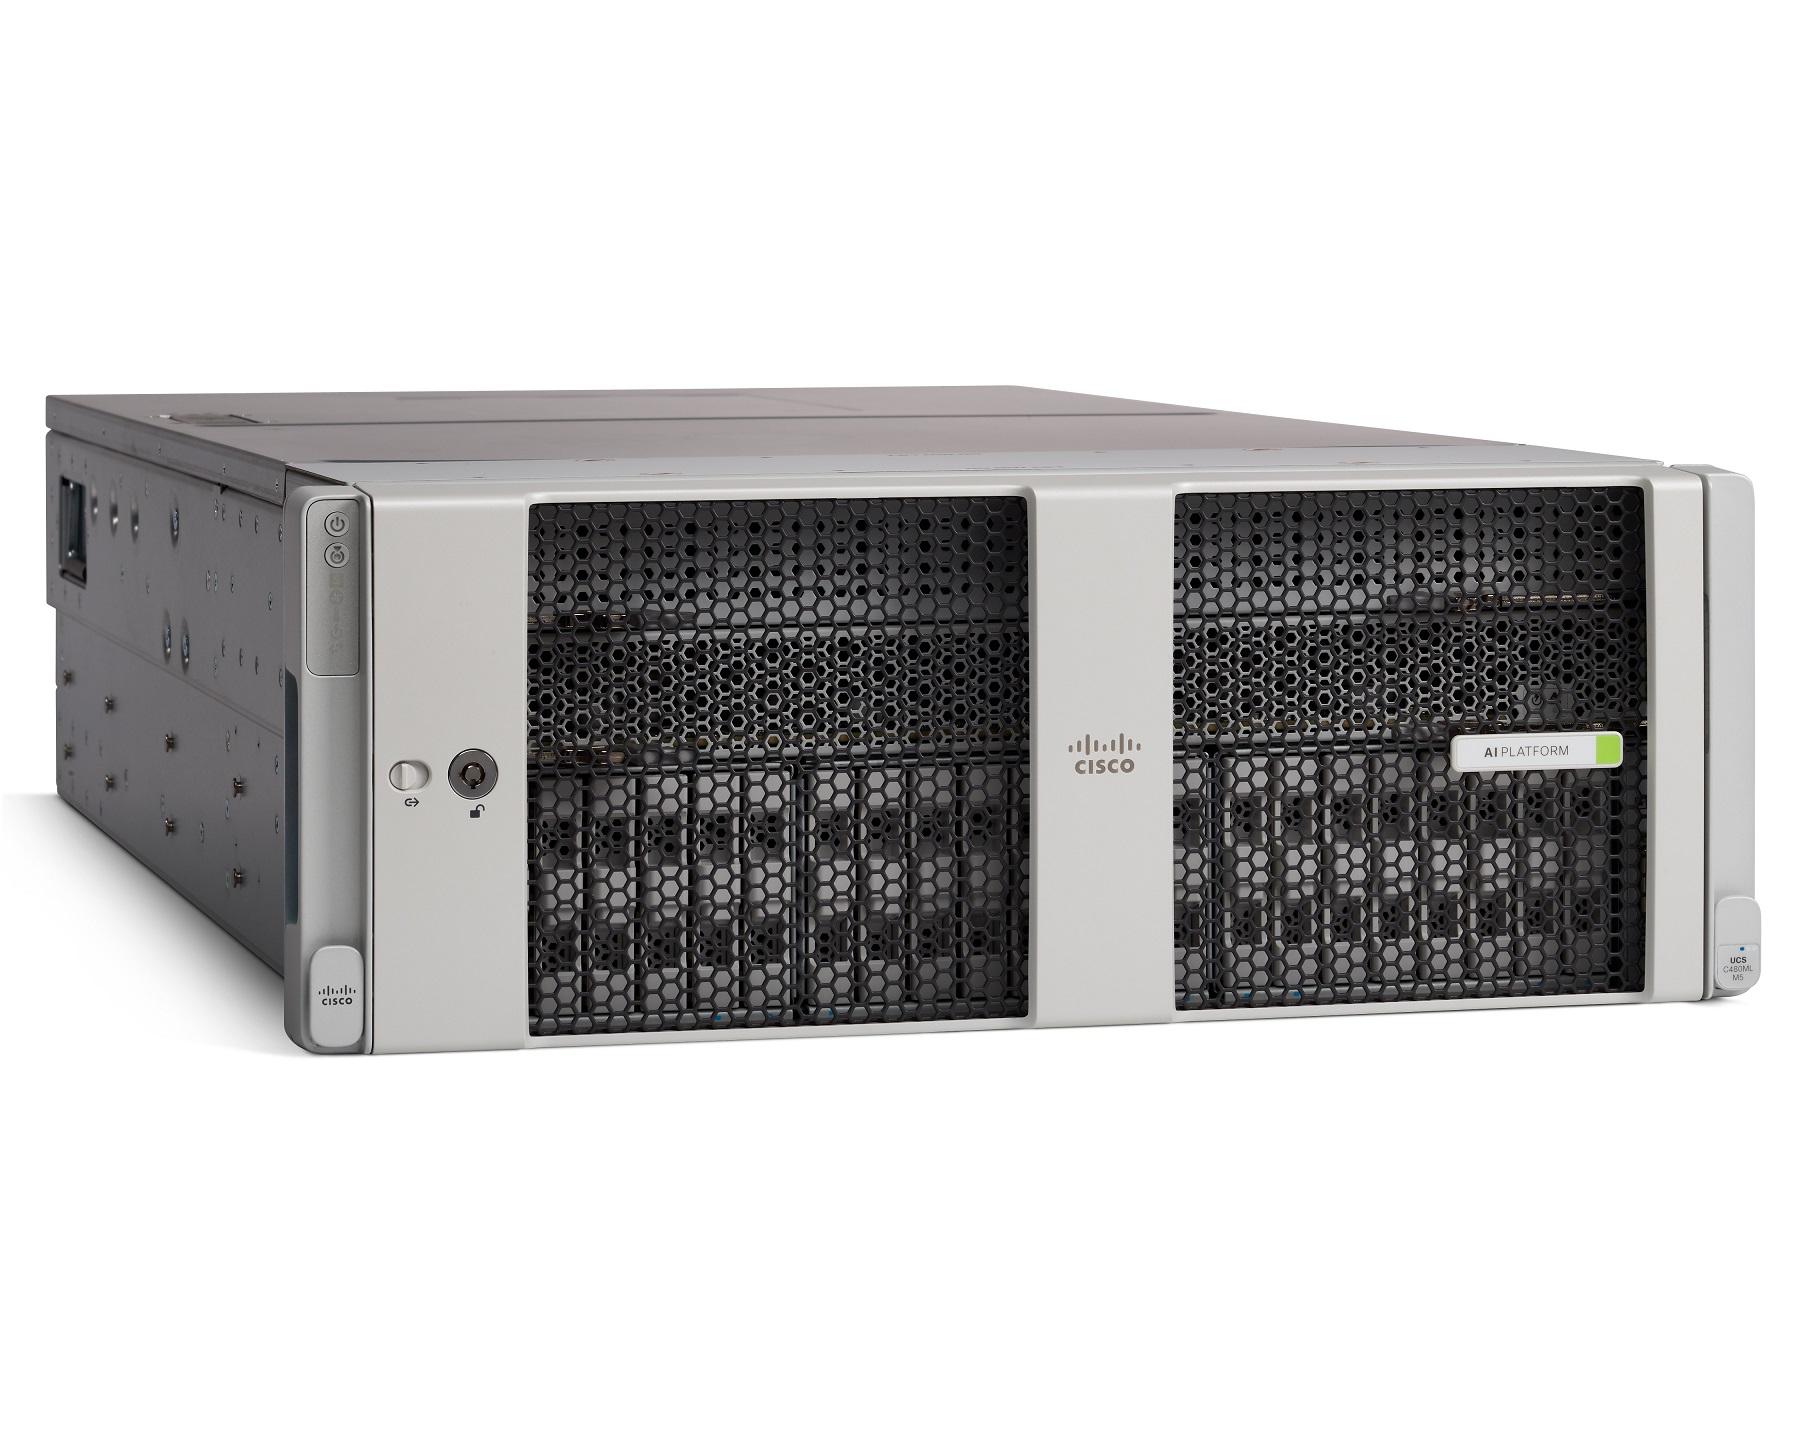 시스코, 신규 인공지능·머신러닝용 서버 플랫폼 출시